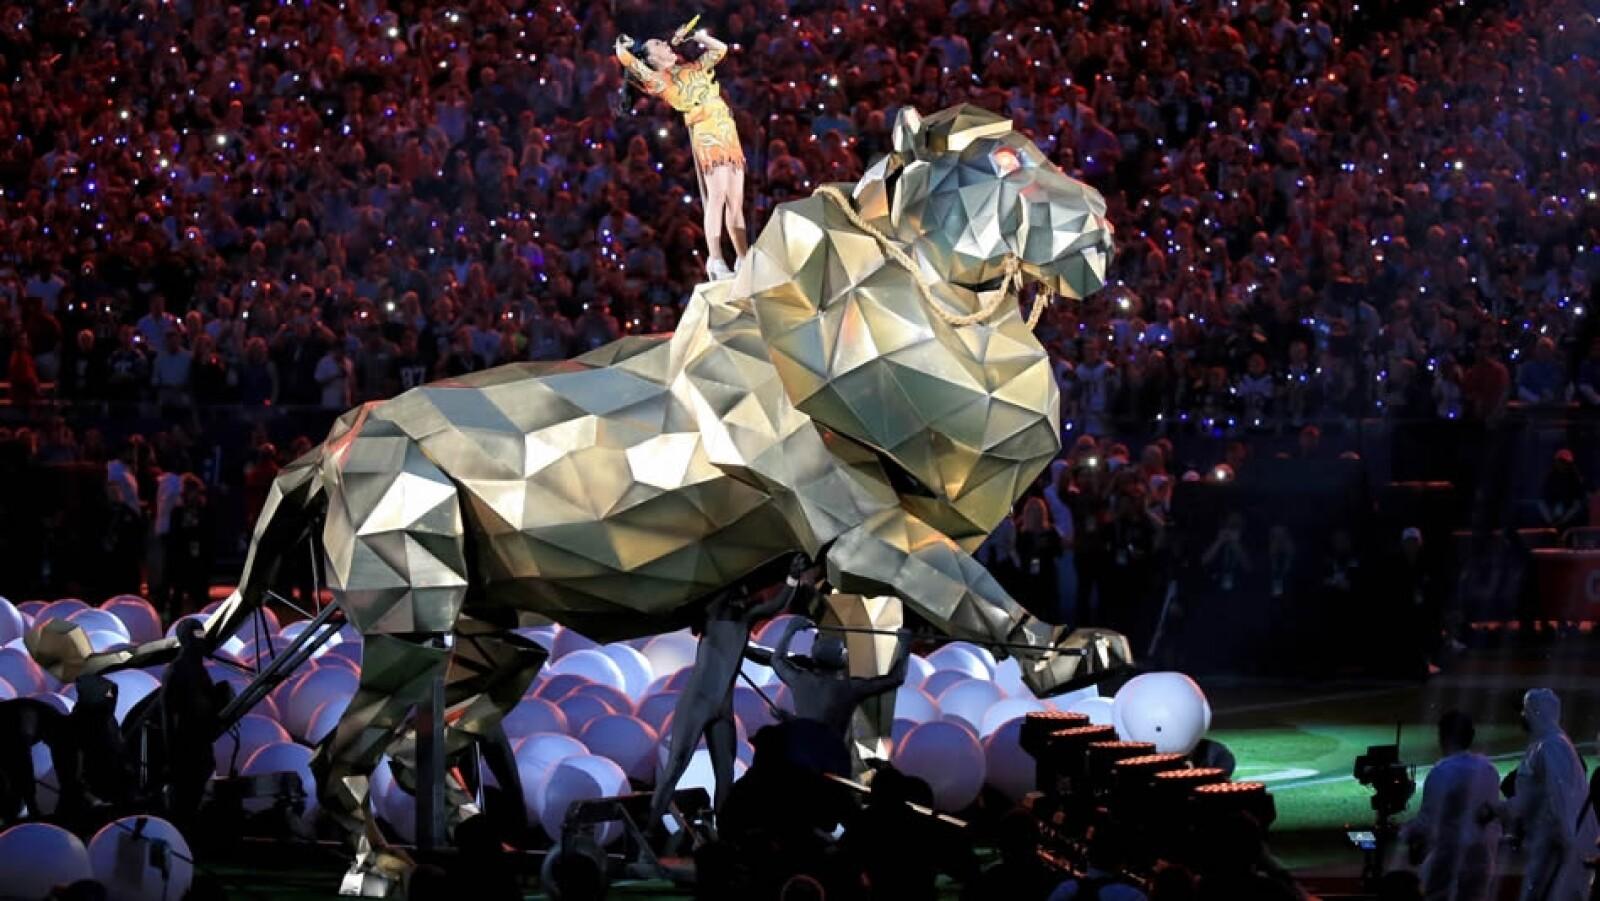 Un león dorado gigante trasladó a Katy Perry mientras interpretaba su éxito ?Roar? al inicio del medio tiempo